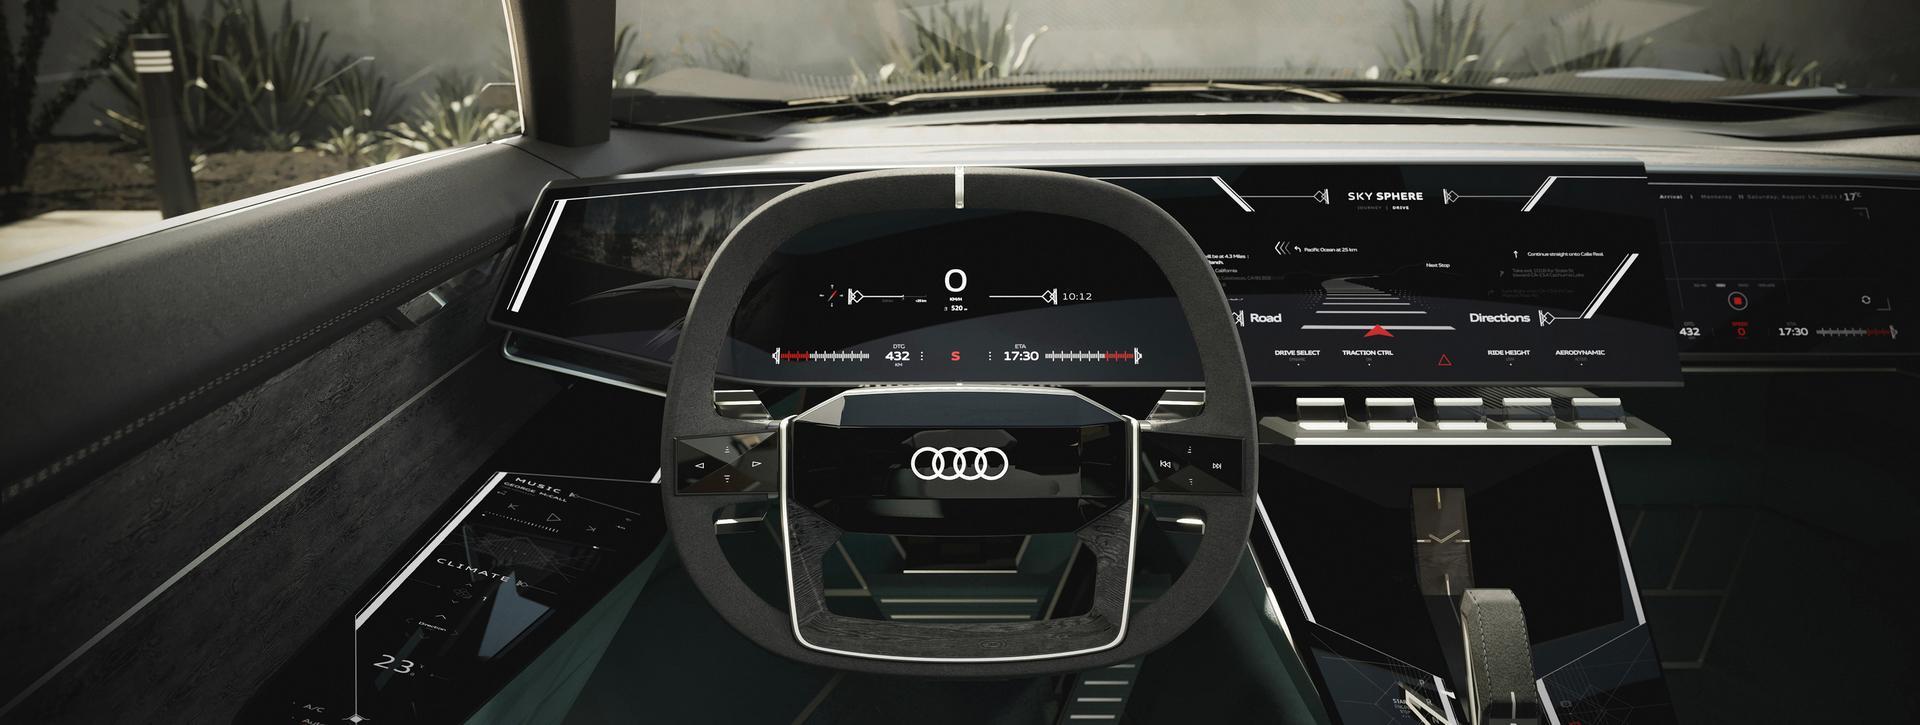 Audi skysphere steering wheel